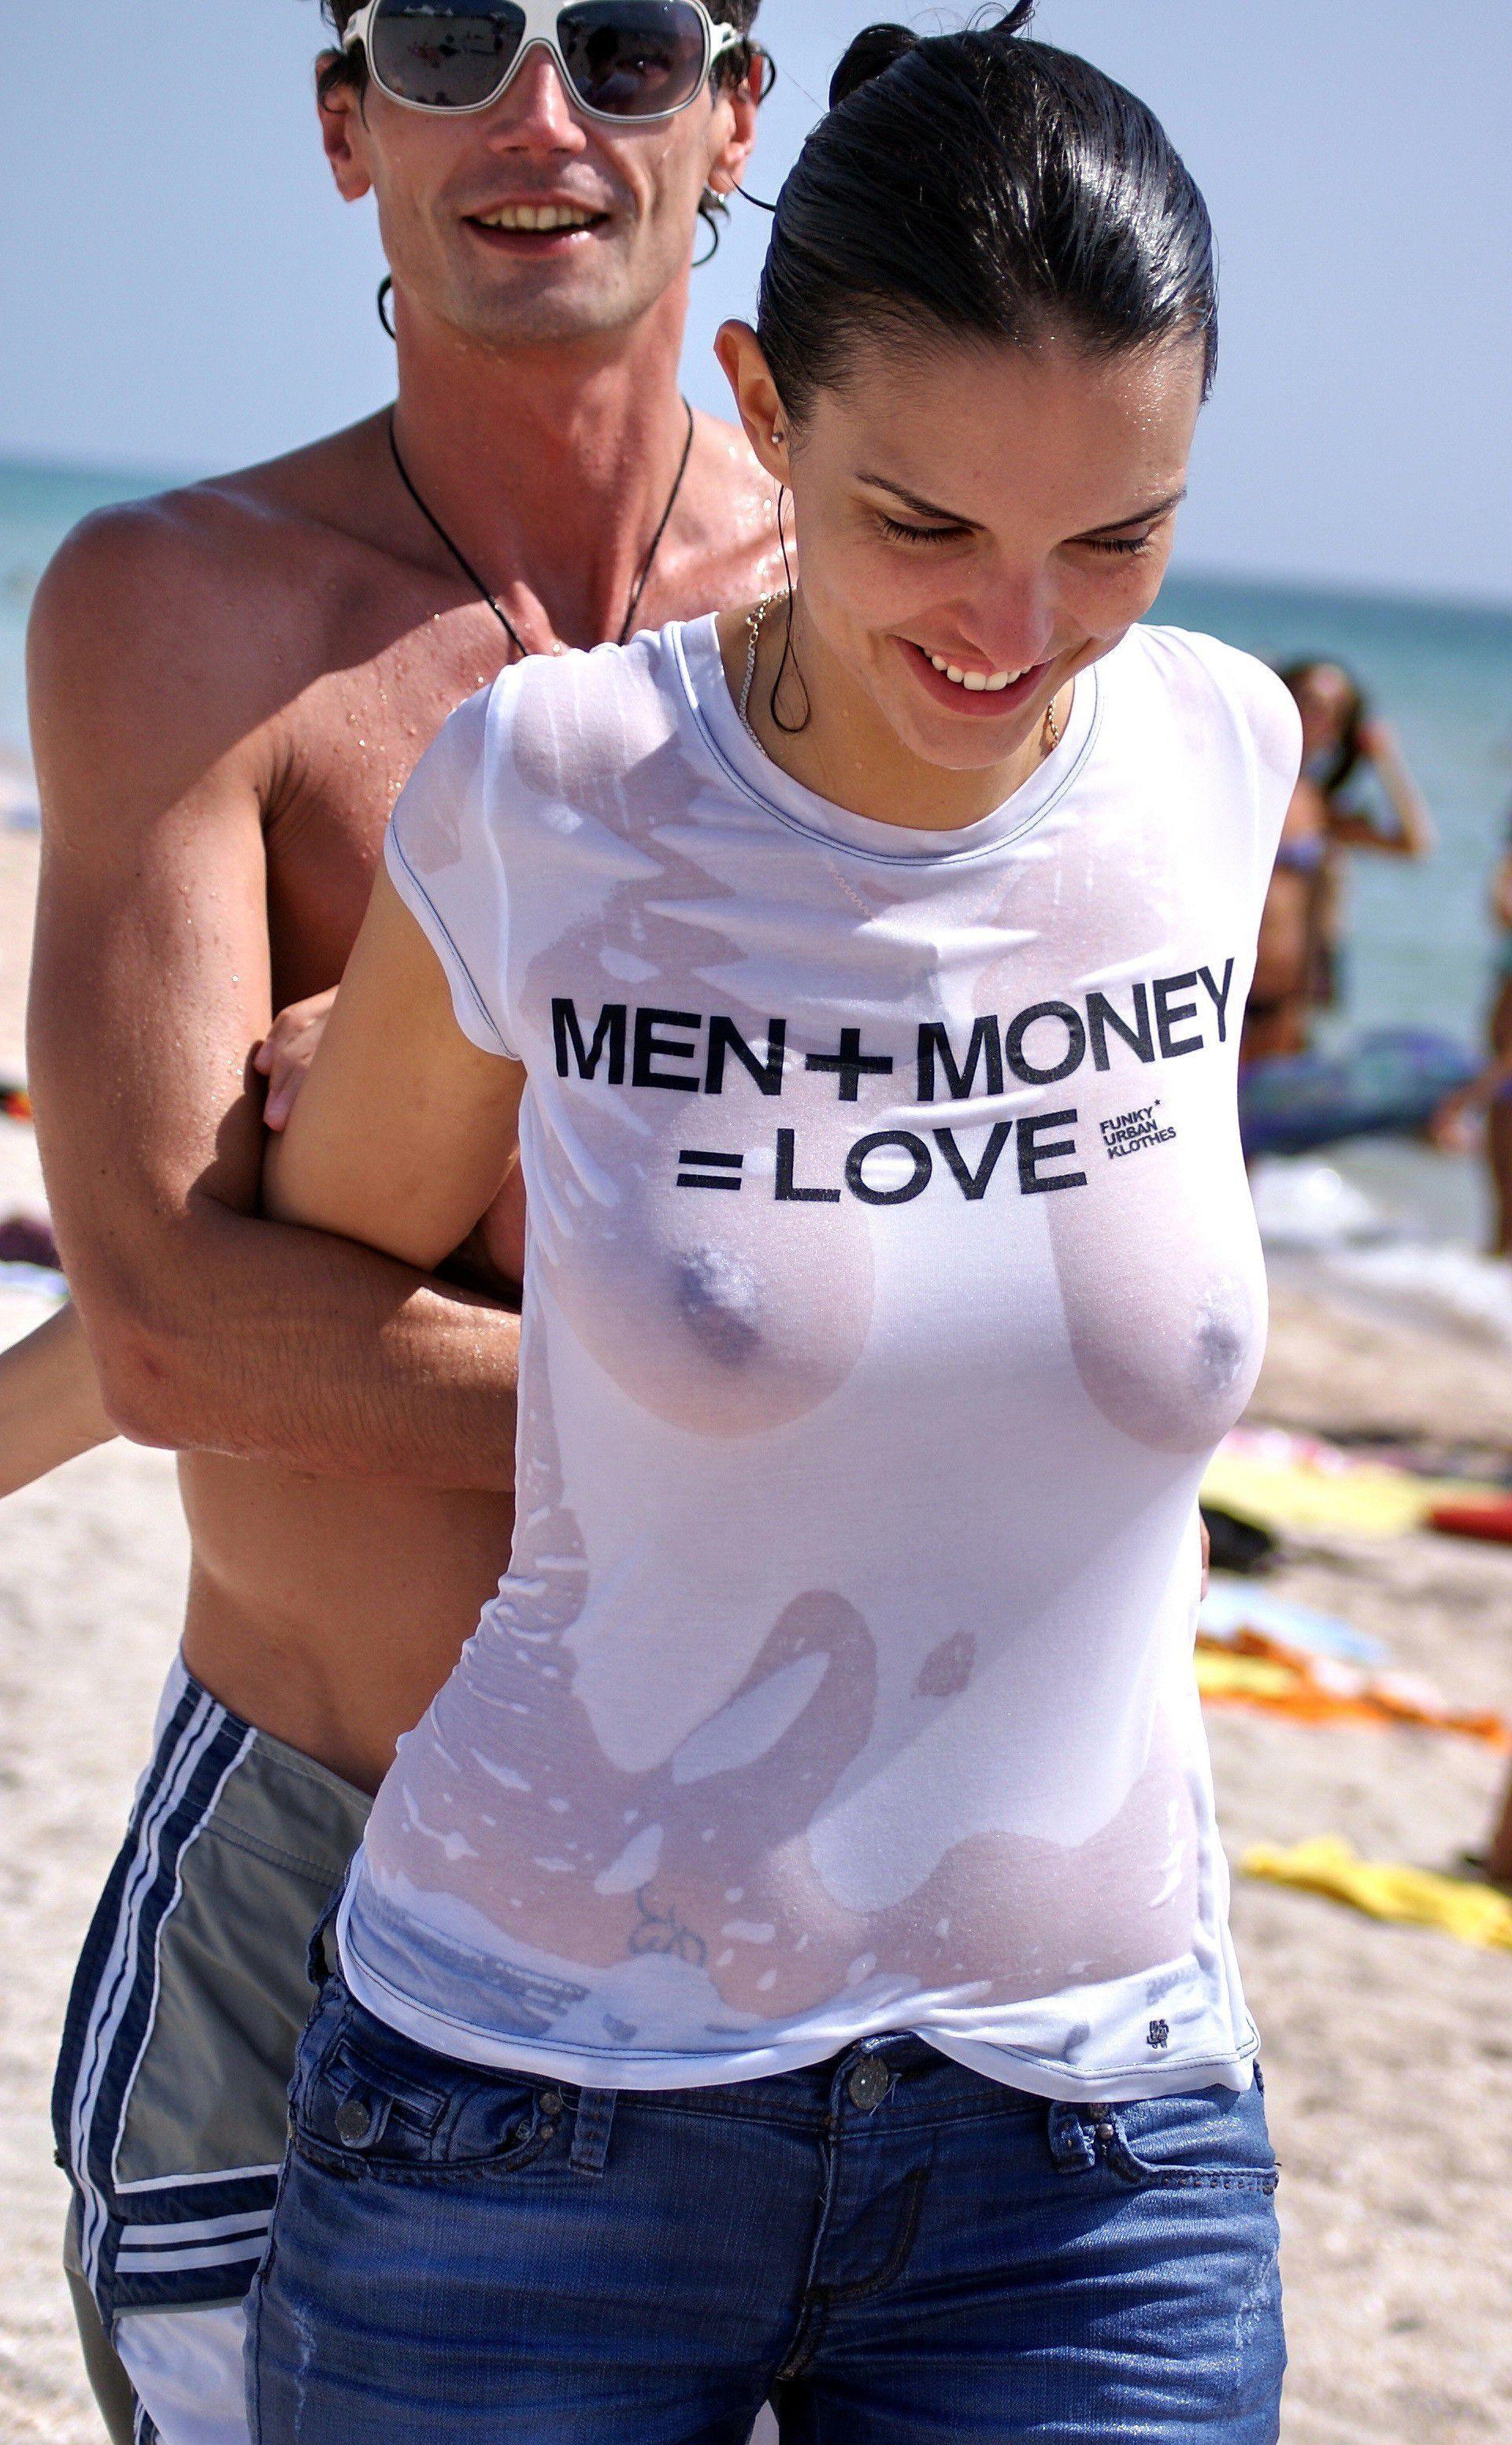 【海外エロ画像】見えているのに平気!?シャツ濡れて乳首クッキリ外人さんwww 28